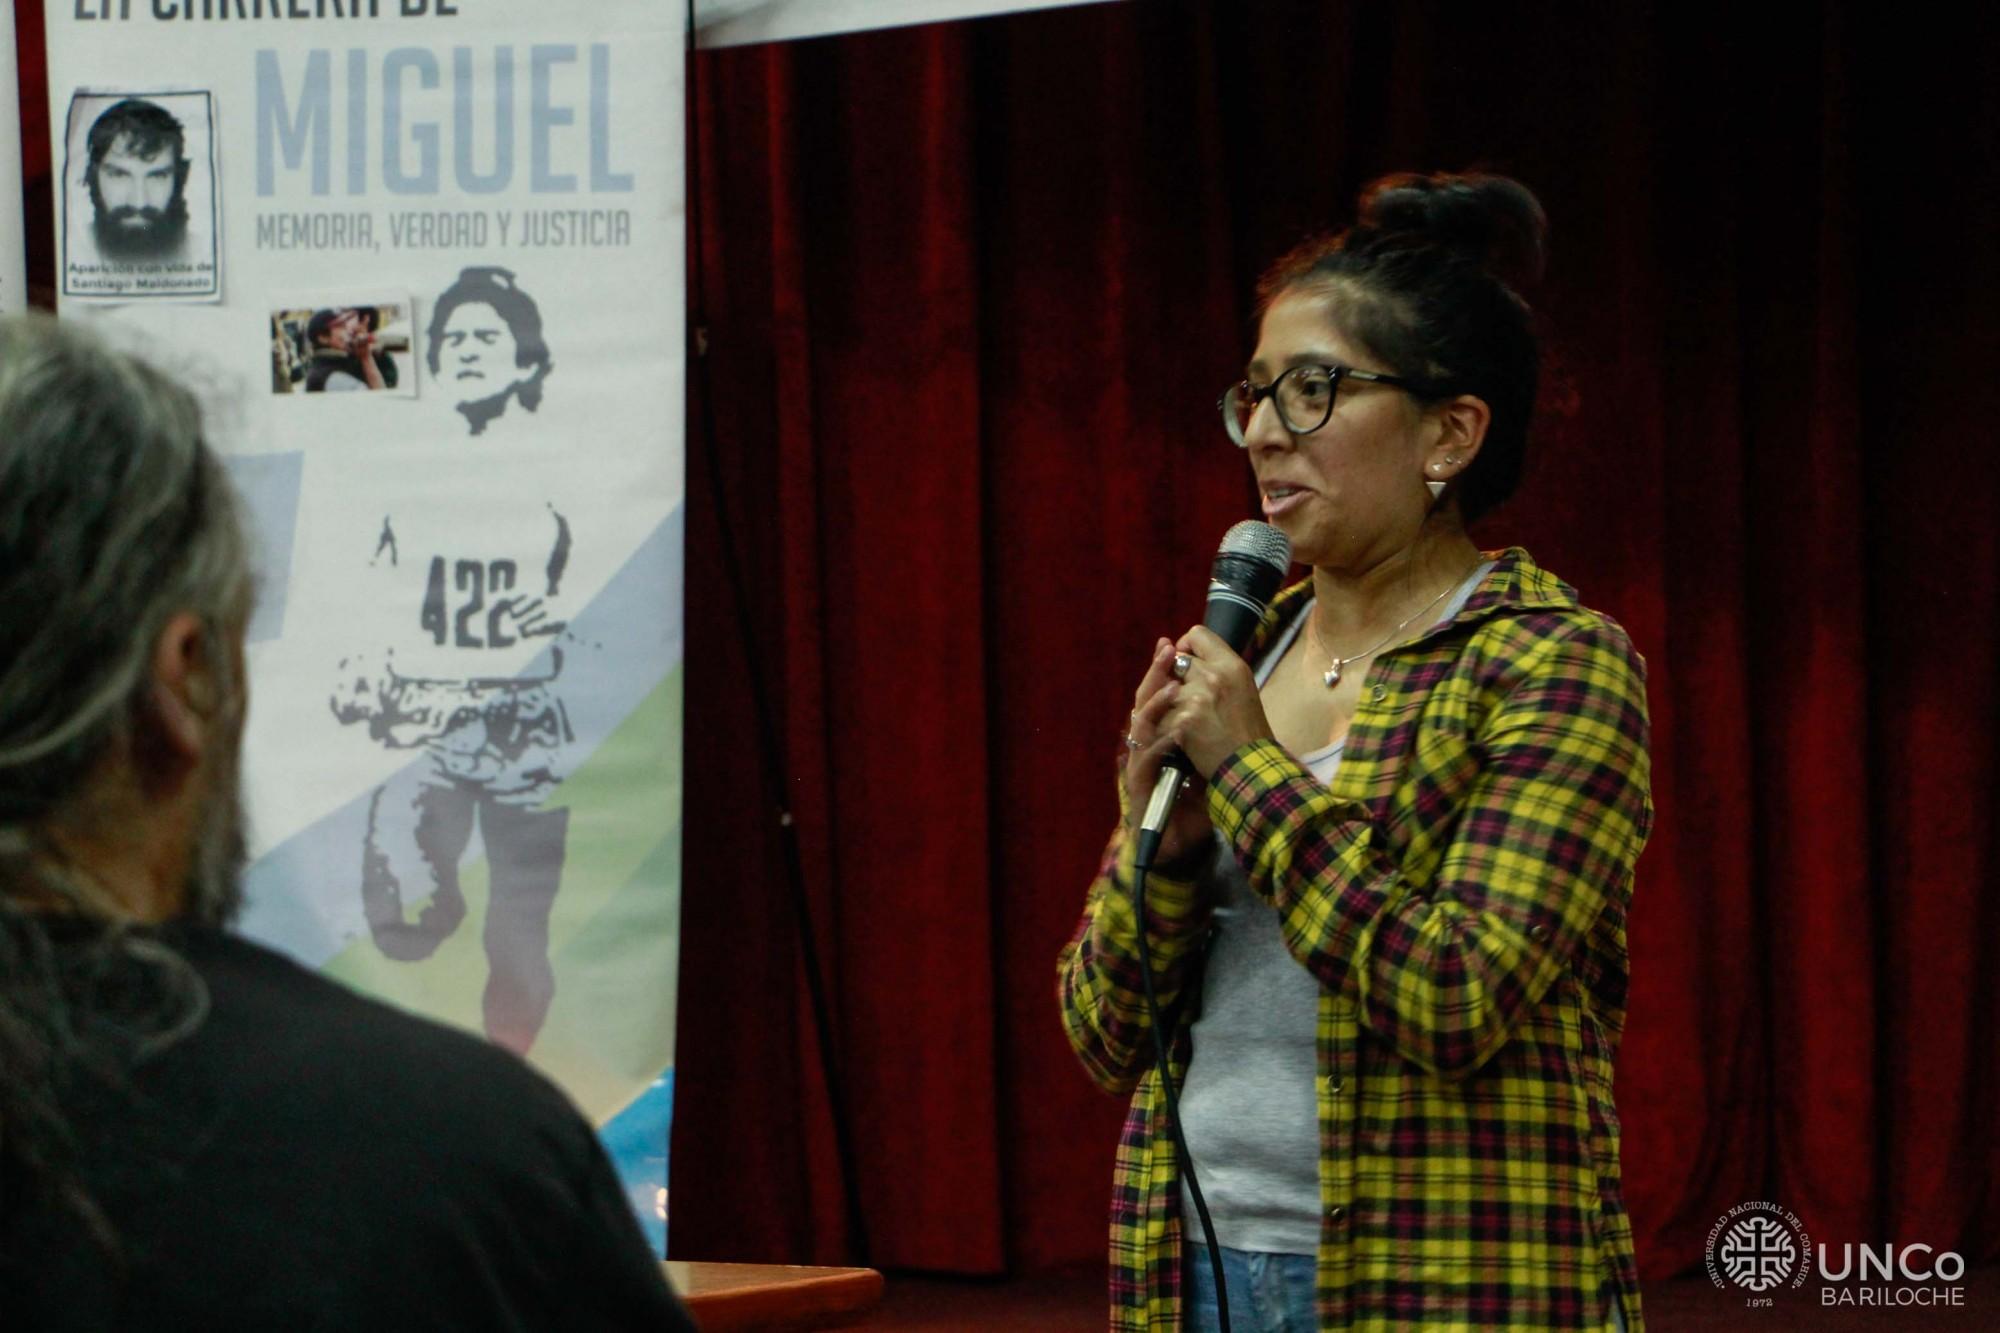 Jornadas DDHH UNCo Bariloche-11